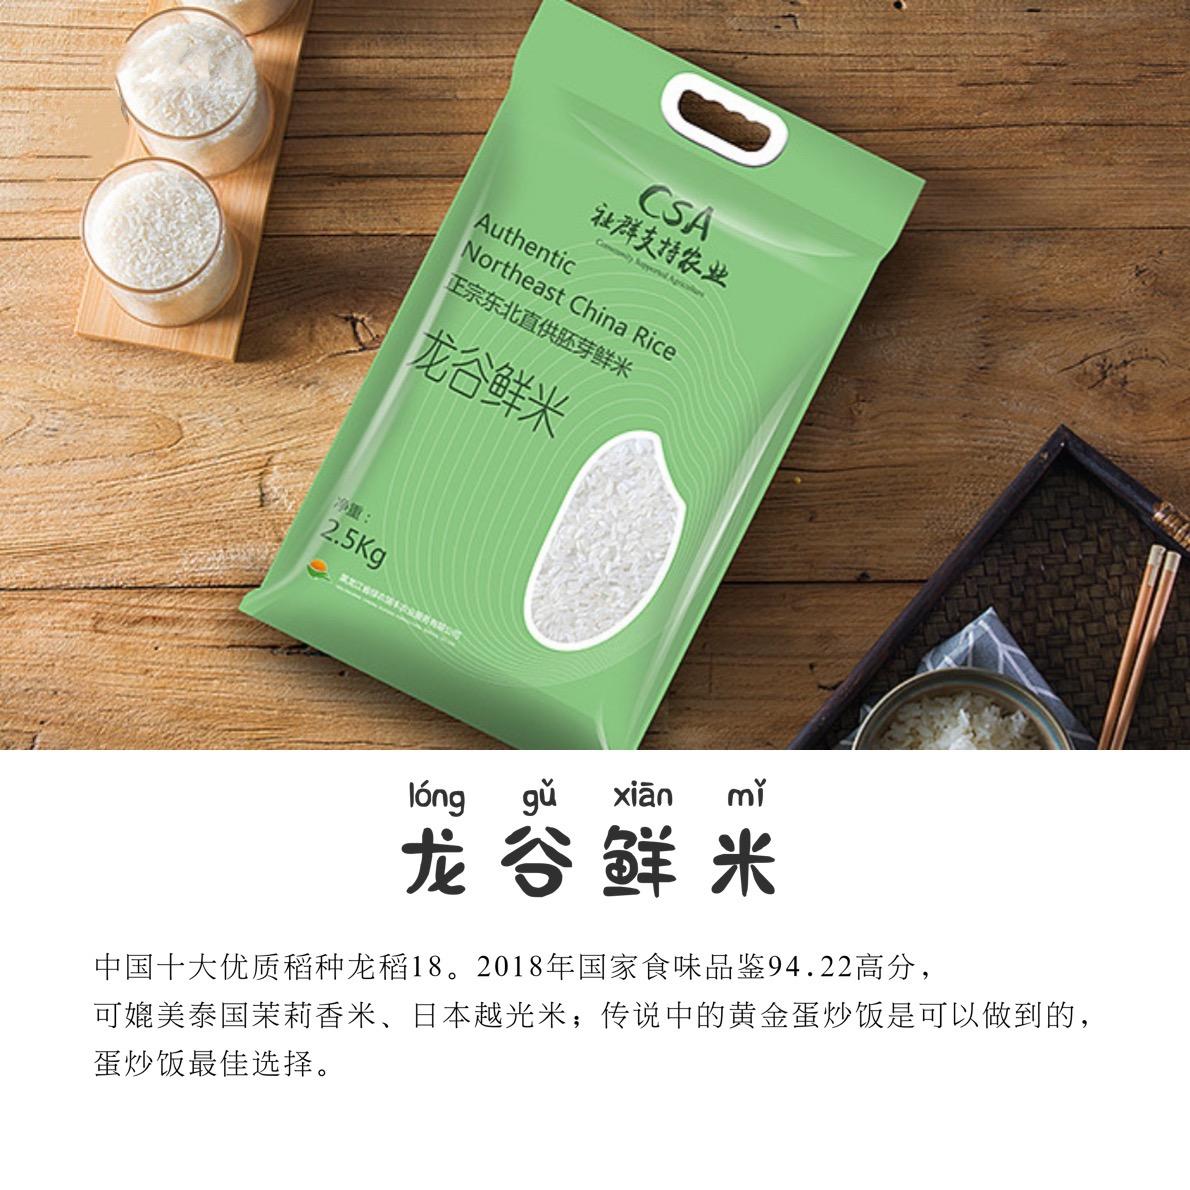 龙谷鲜米-素材